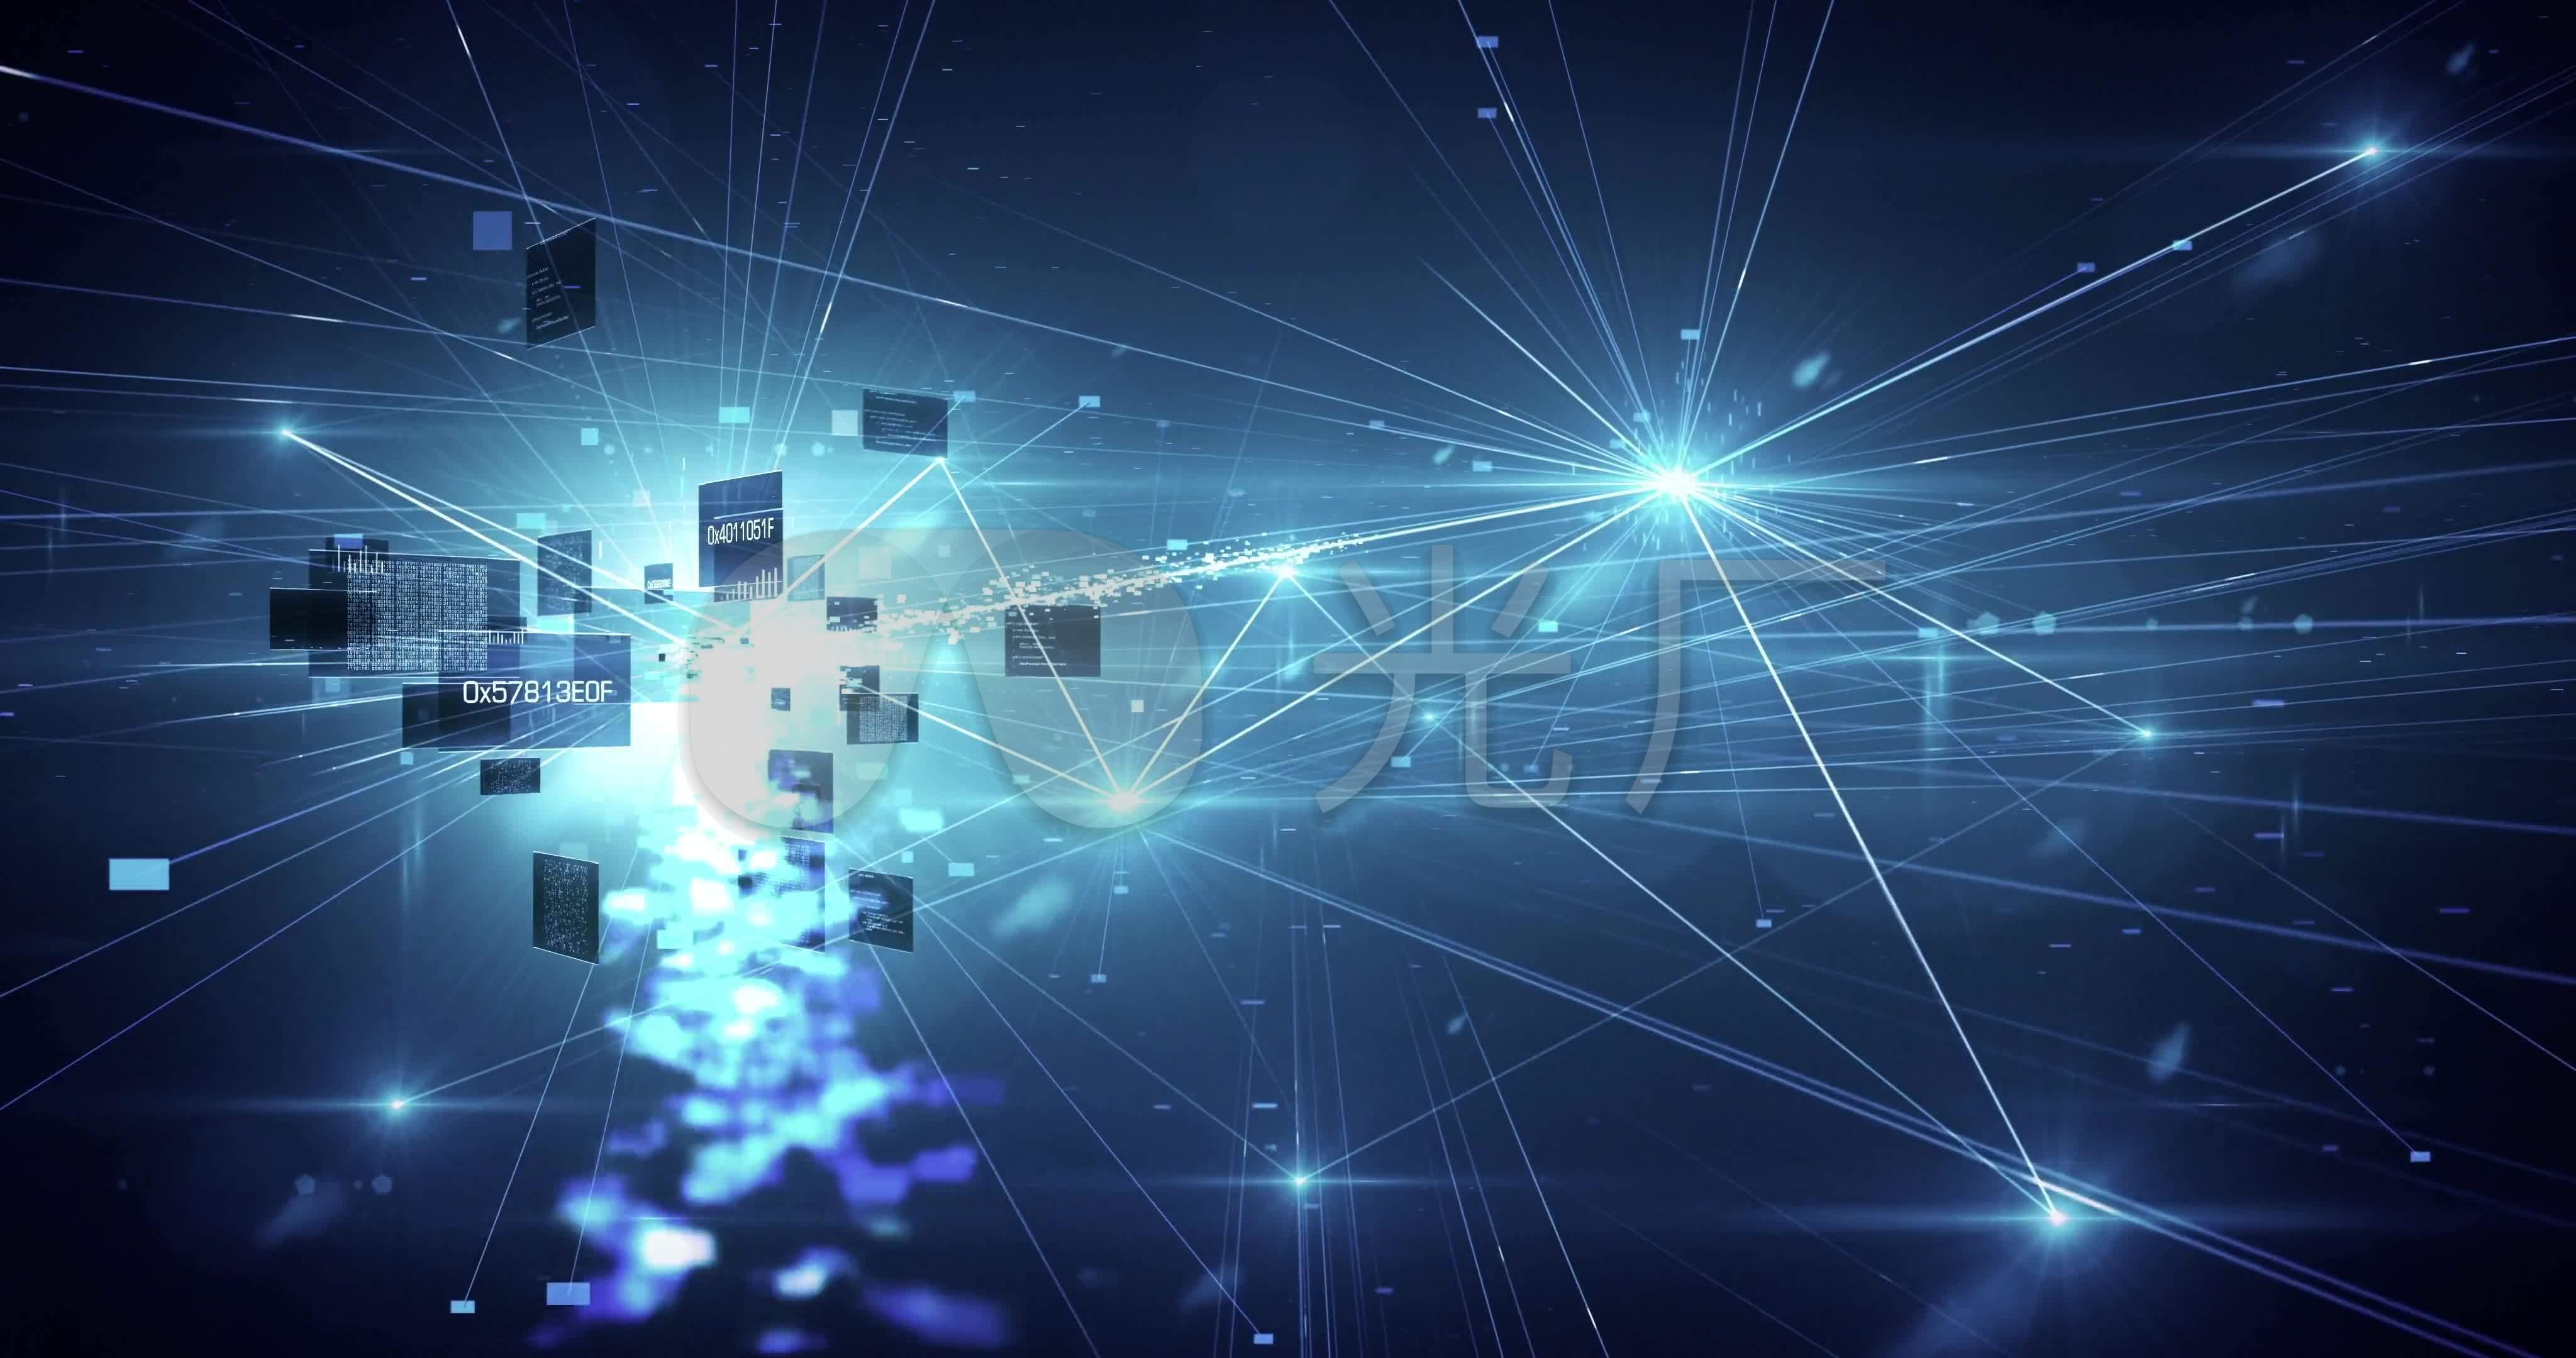 云计算神经网络数据处理_4096X2160_高清视